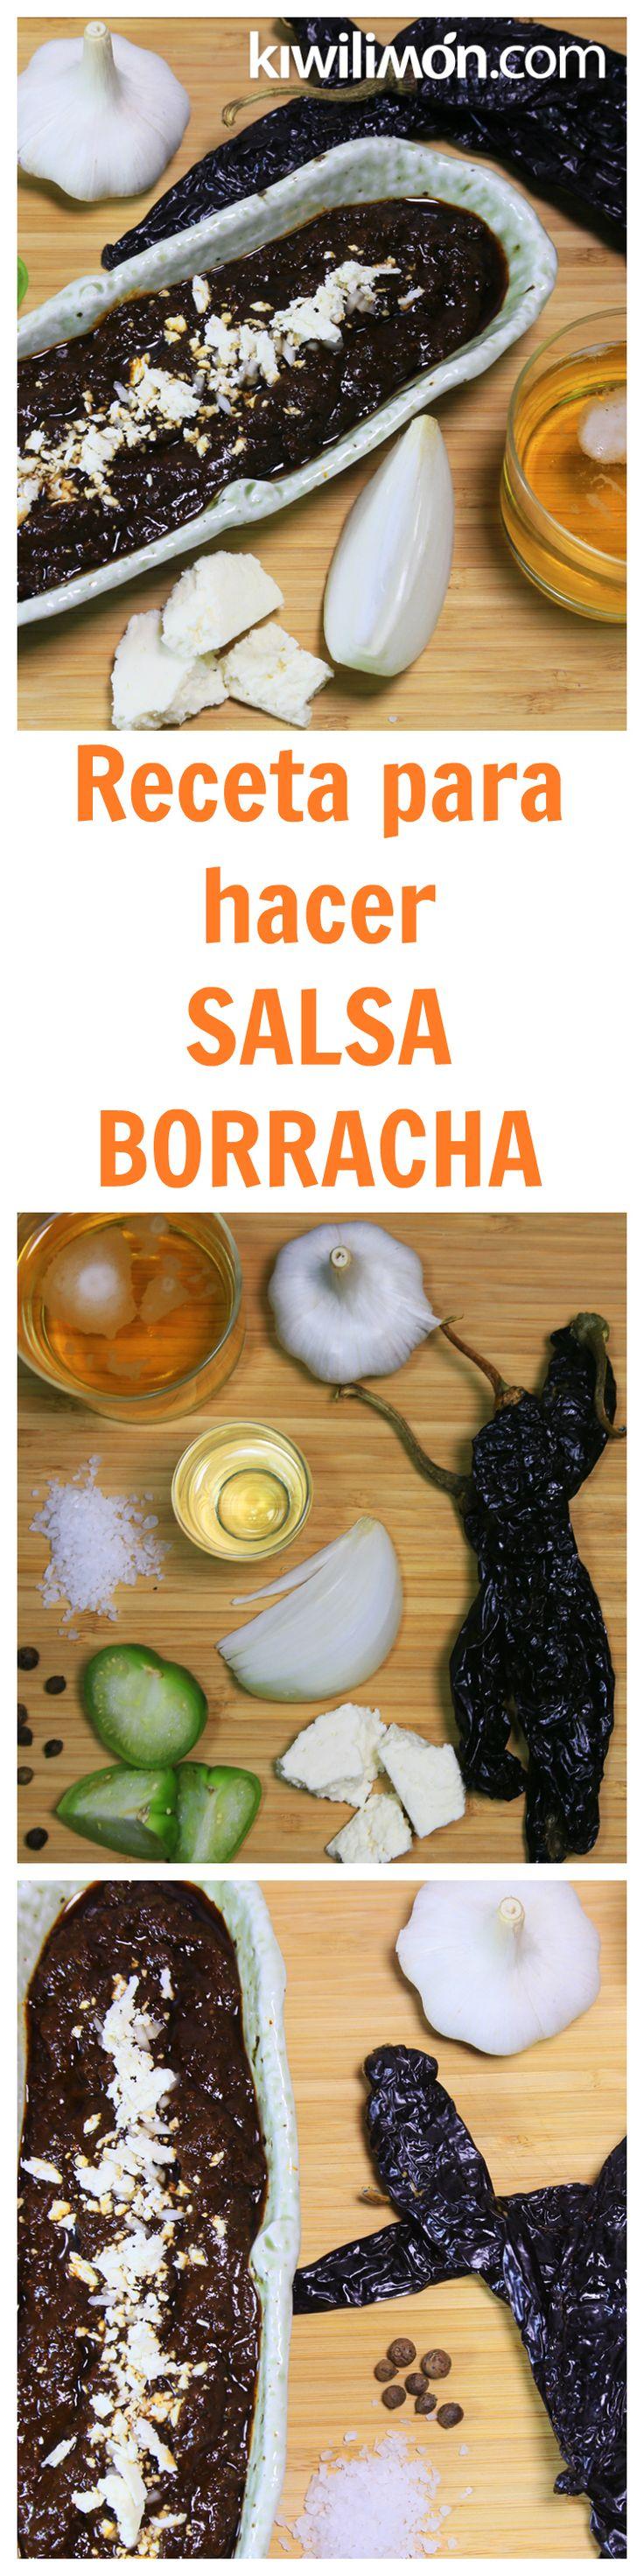 Esta fácil y deliciosa receta de salsa borracha con cerveza te encantará y sólo te tomará 20 minutos hacerla. Es la tradicional salsa mexicana que te quitará ese antojo de algo picosito.